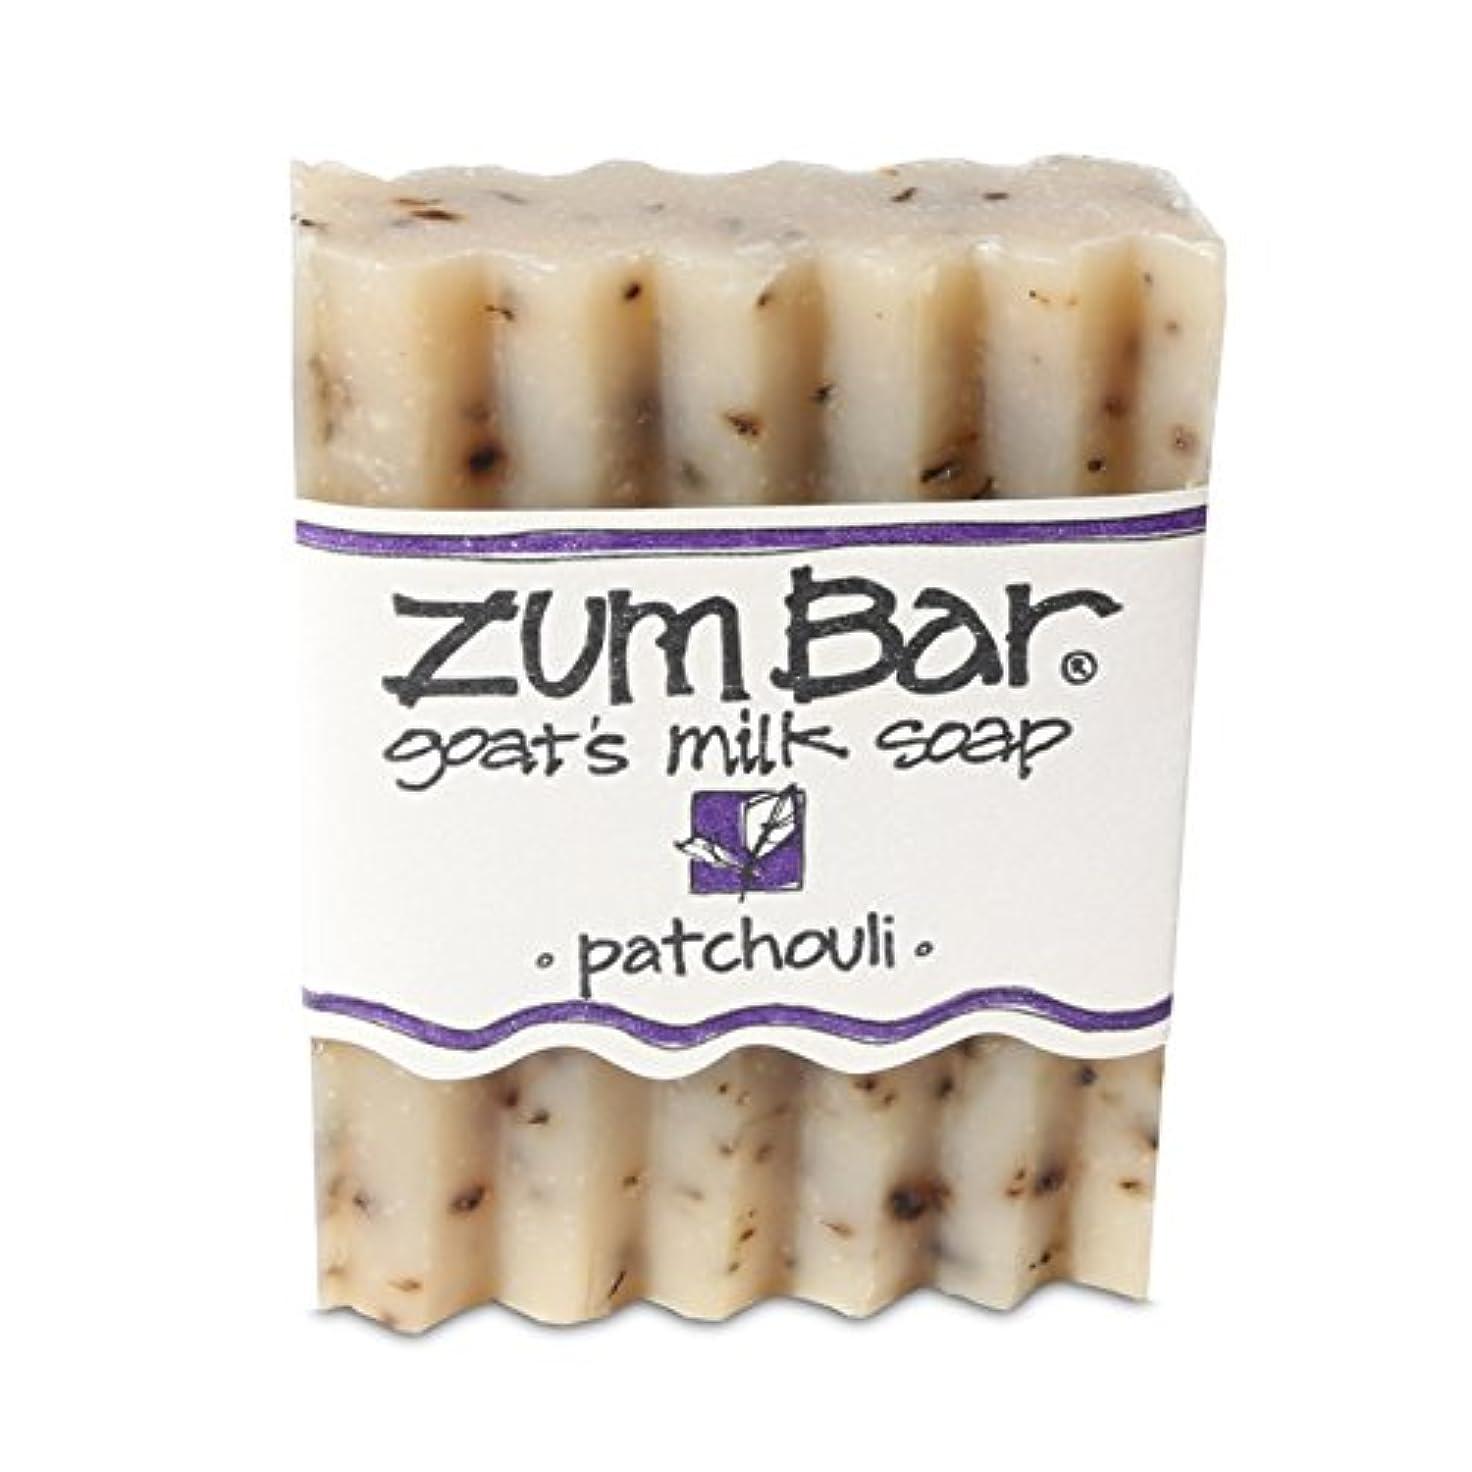 私ブルゴーニュ彼女海外直送品 Indigo Wild, Zum Bar, Goat's ミルク ソープ パチョリ, 3 Ounces (2個セット) (Patchouli) [並行輸入品]